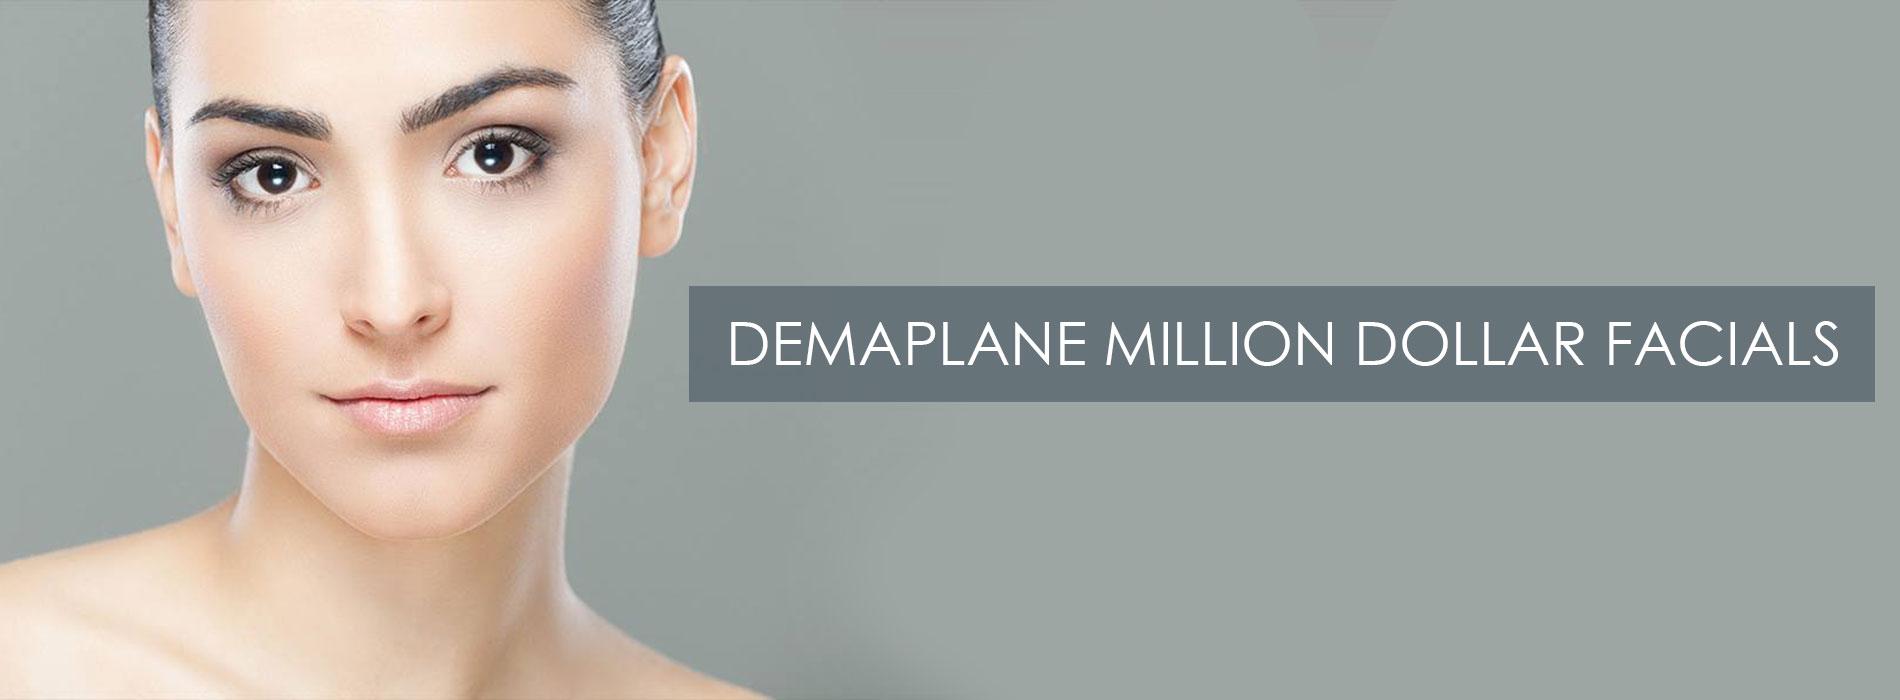 Demaplane-Million-Dollar-Facials at Harmony Plus Beauty Salon & Skin Clinic near Leighton Buzzard